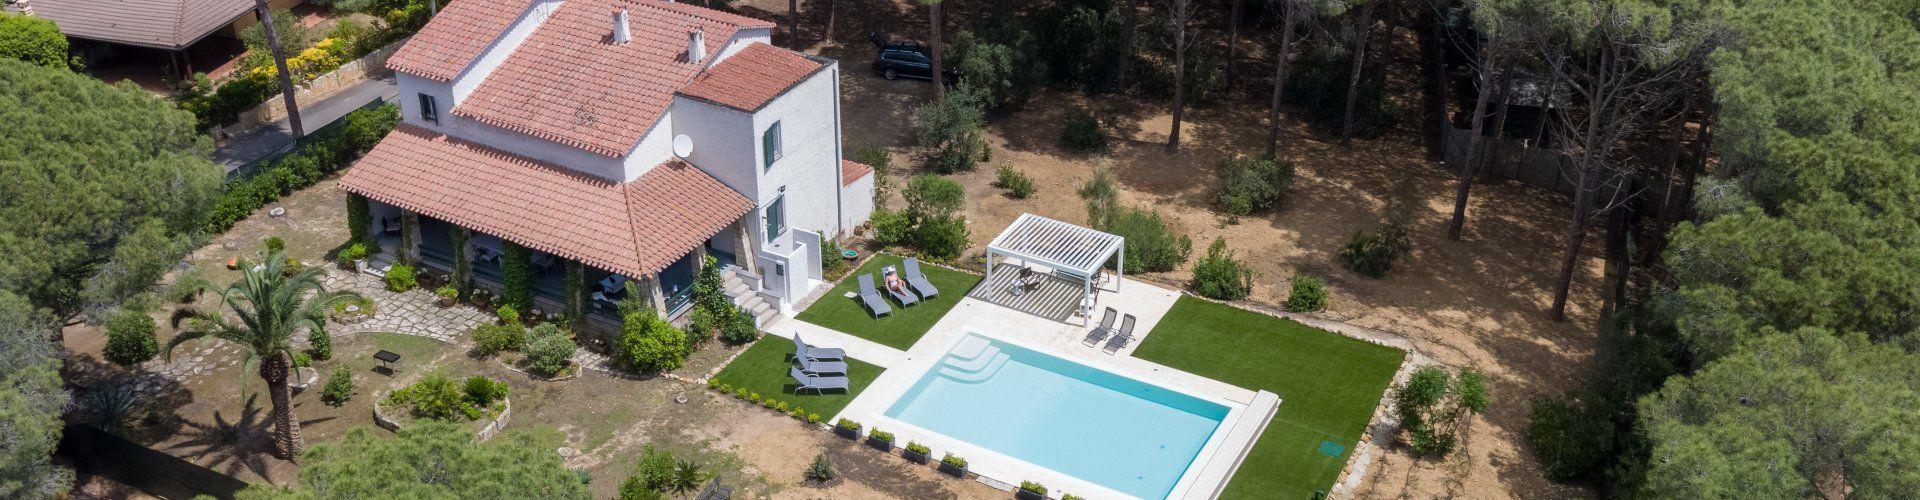 Blick von oben auf Haus und Pool